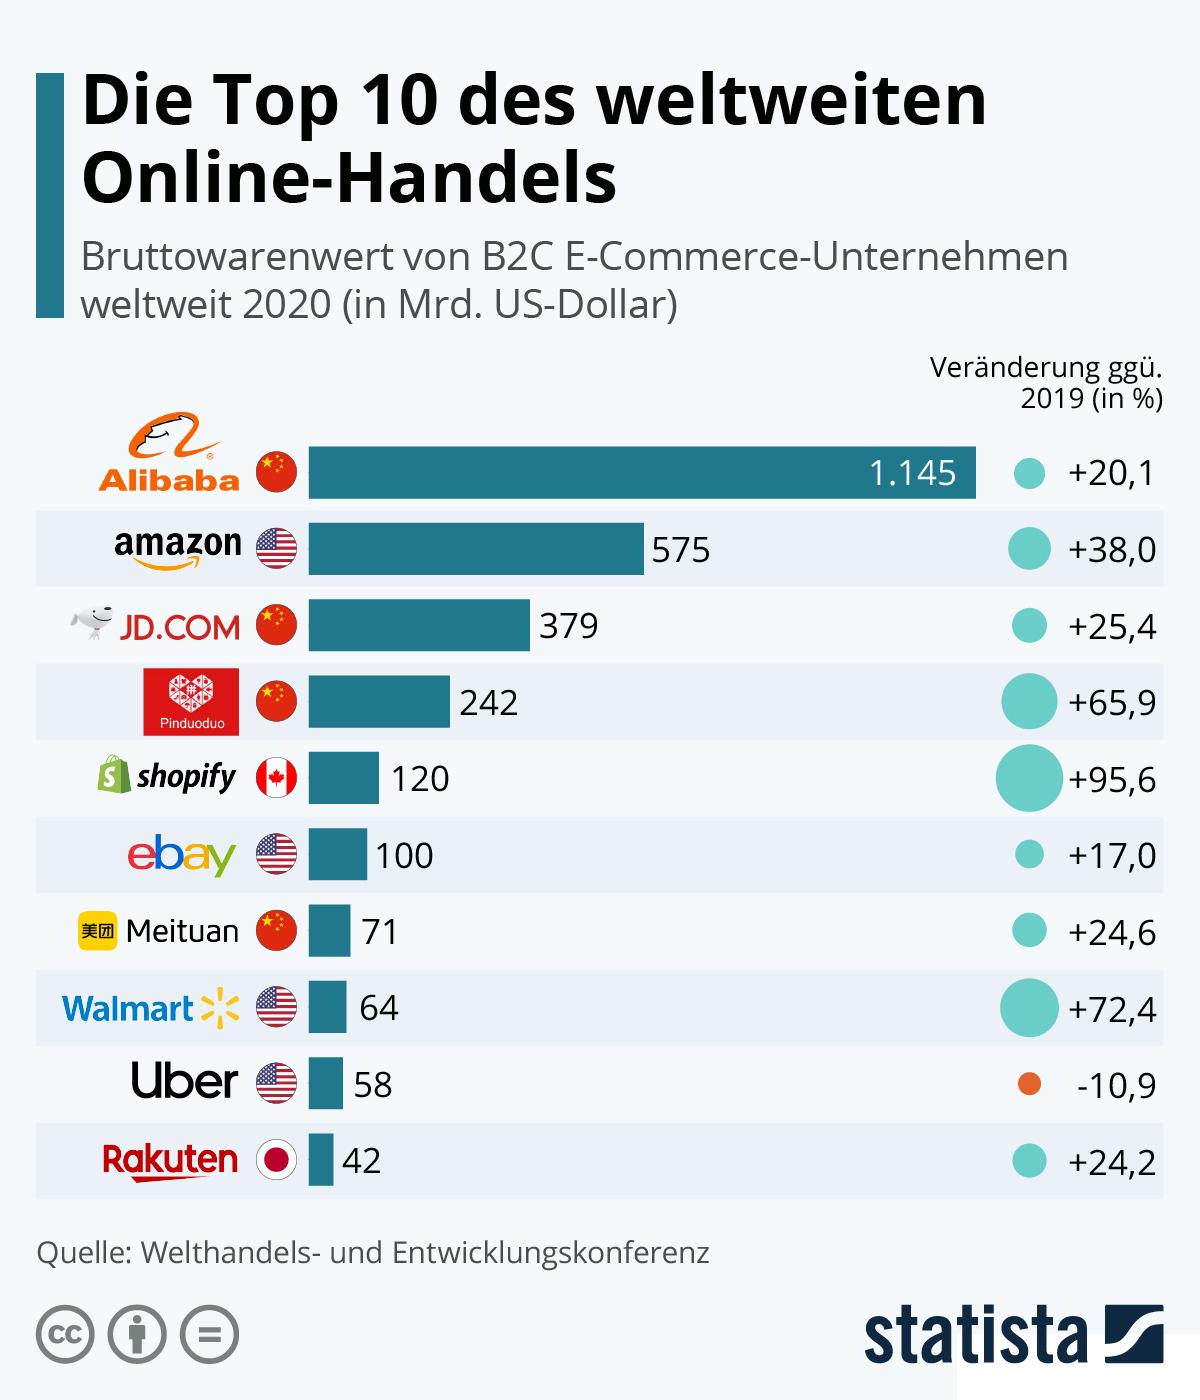 top 10 online handelsunternehmen der welt ich möchte zusätzliches geld von zu hause aus verdienen